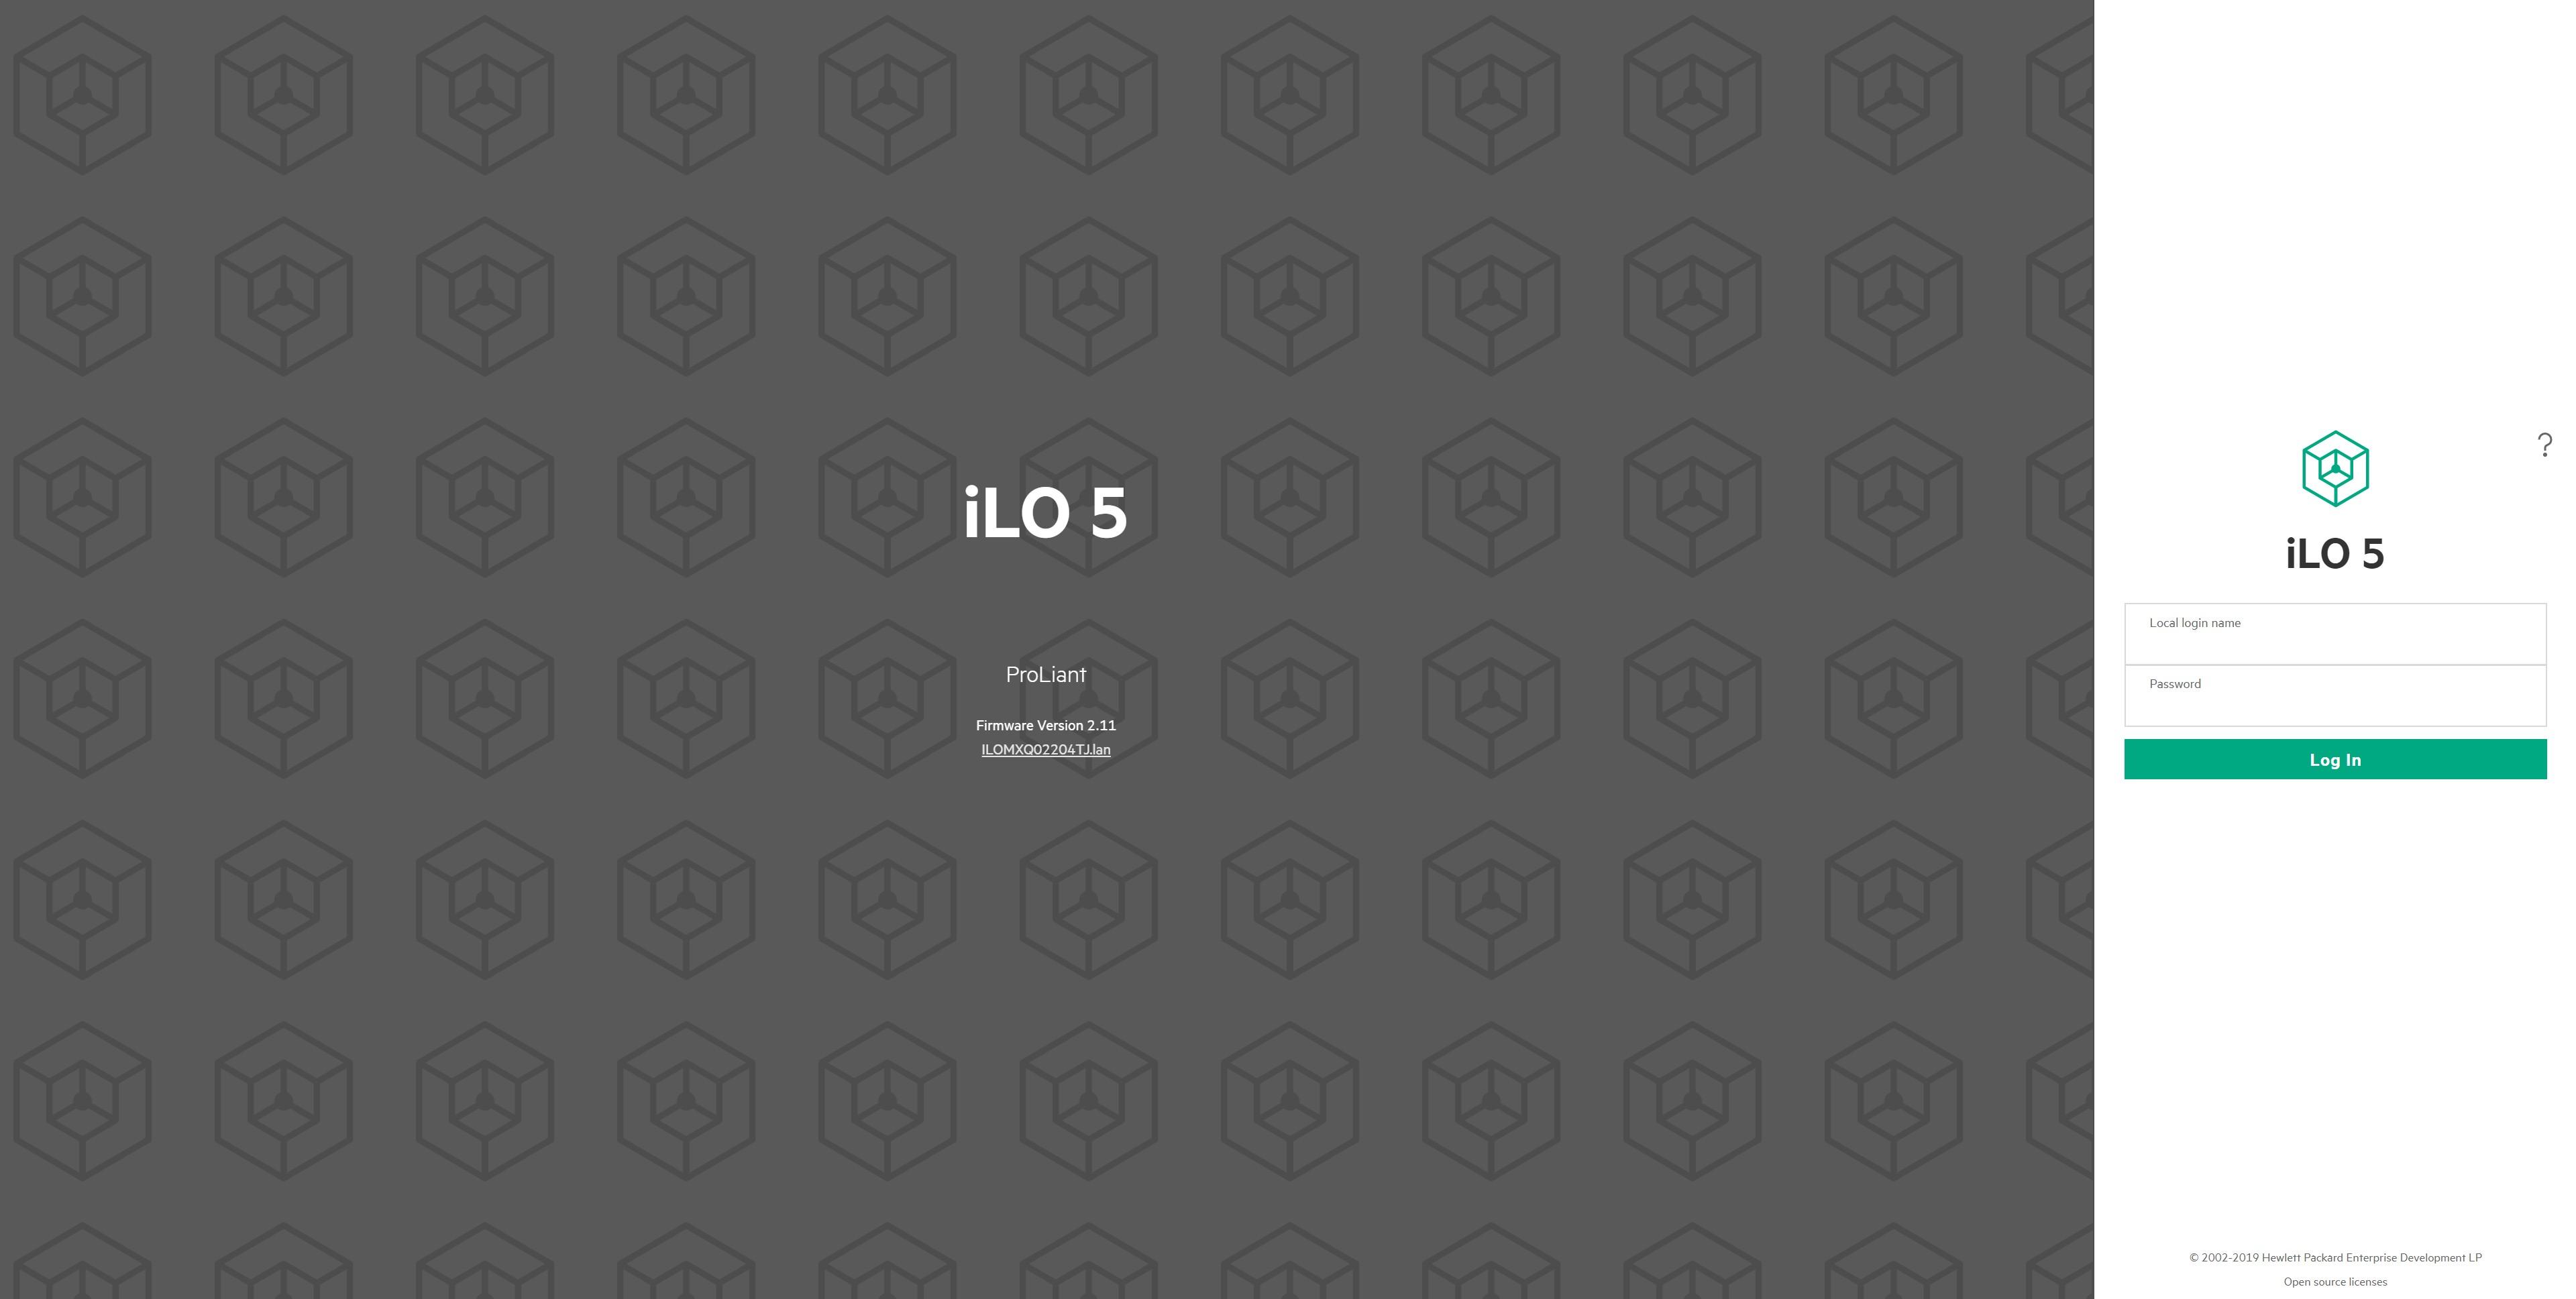 ilo5-web